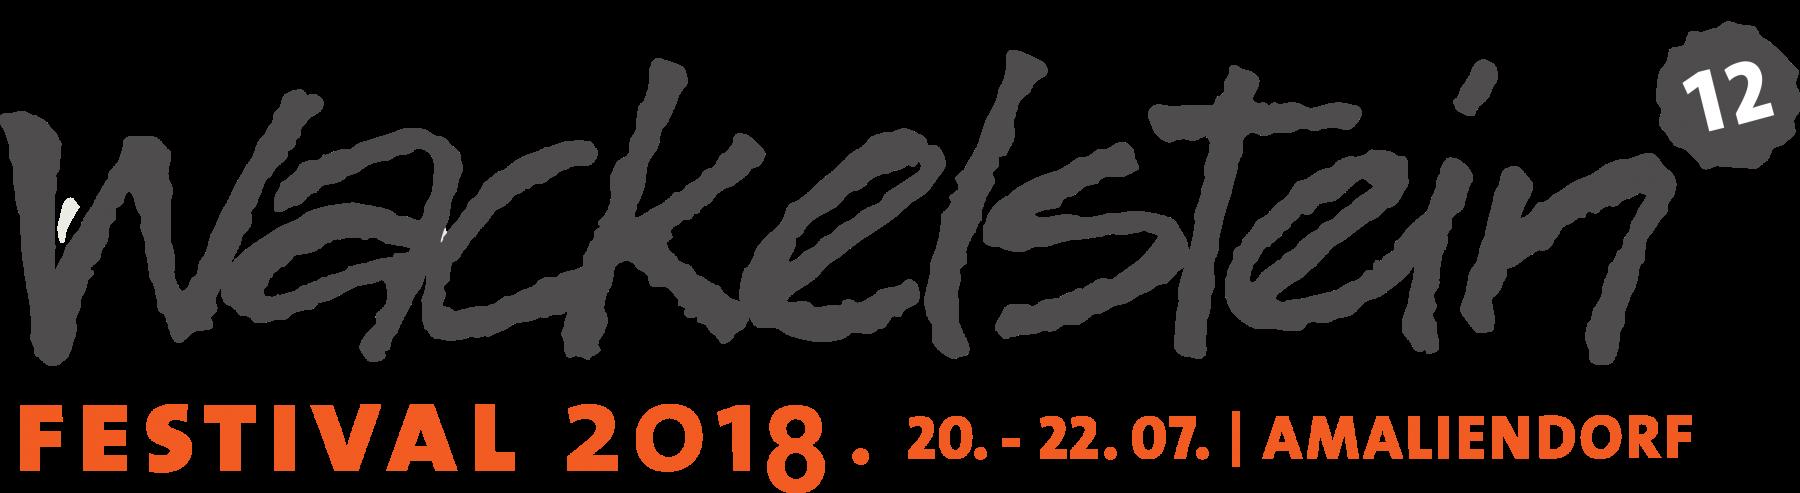 Wackelstein Festival 2018